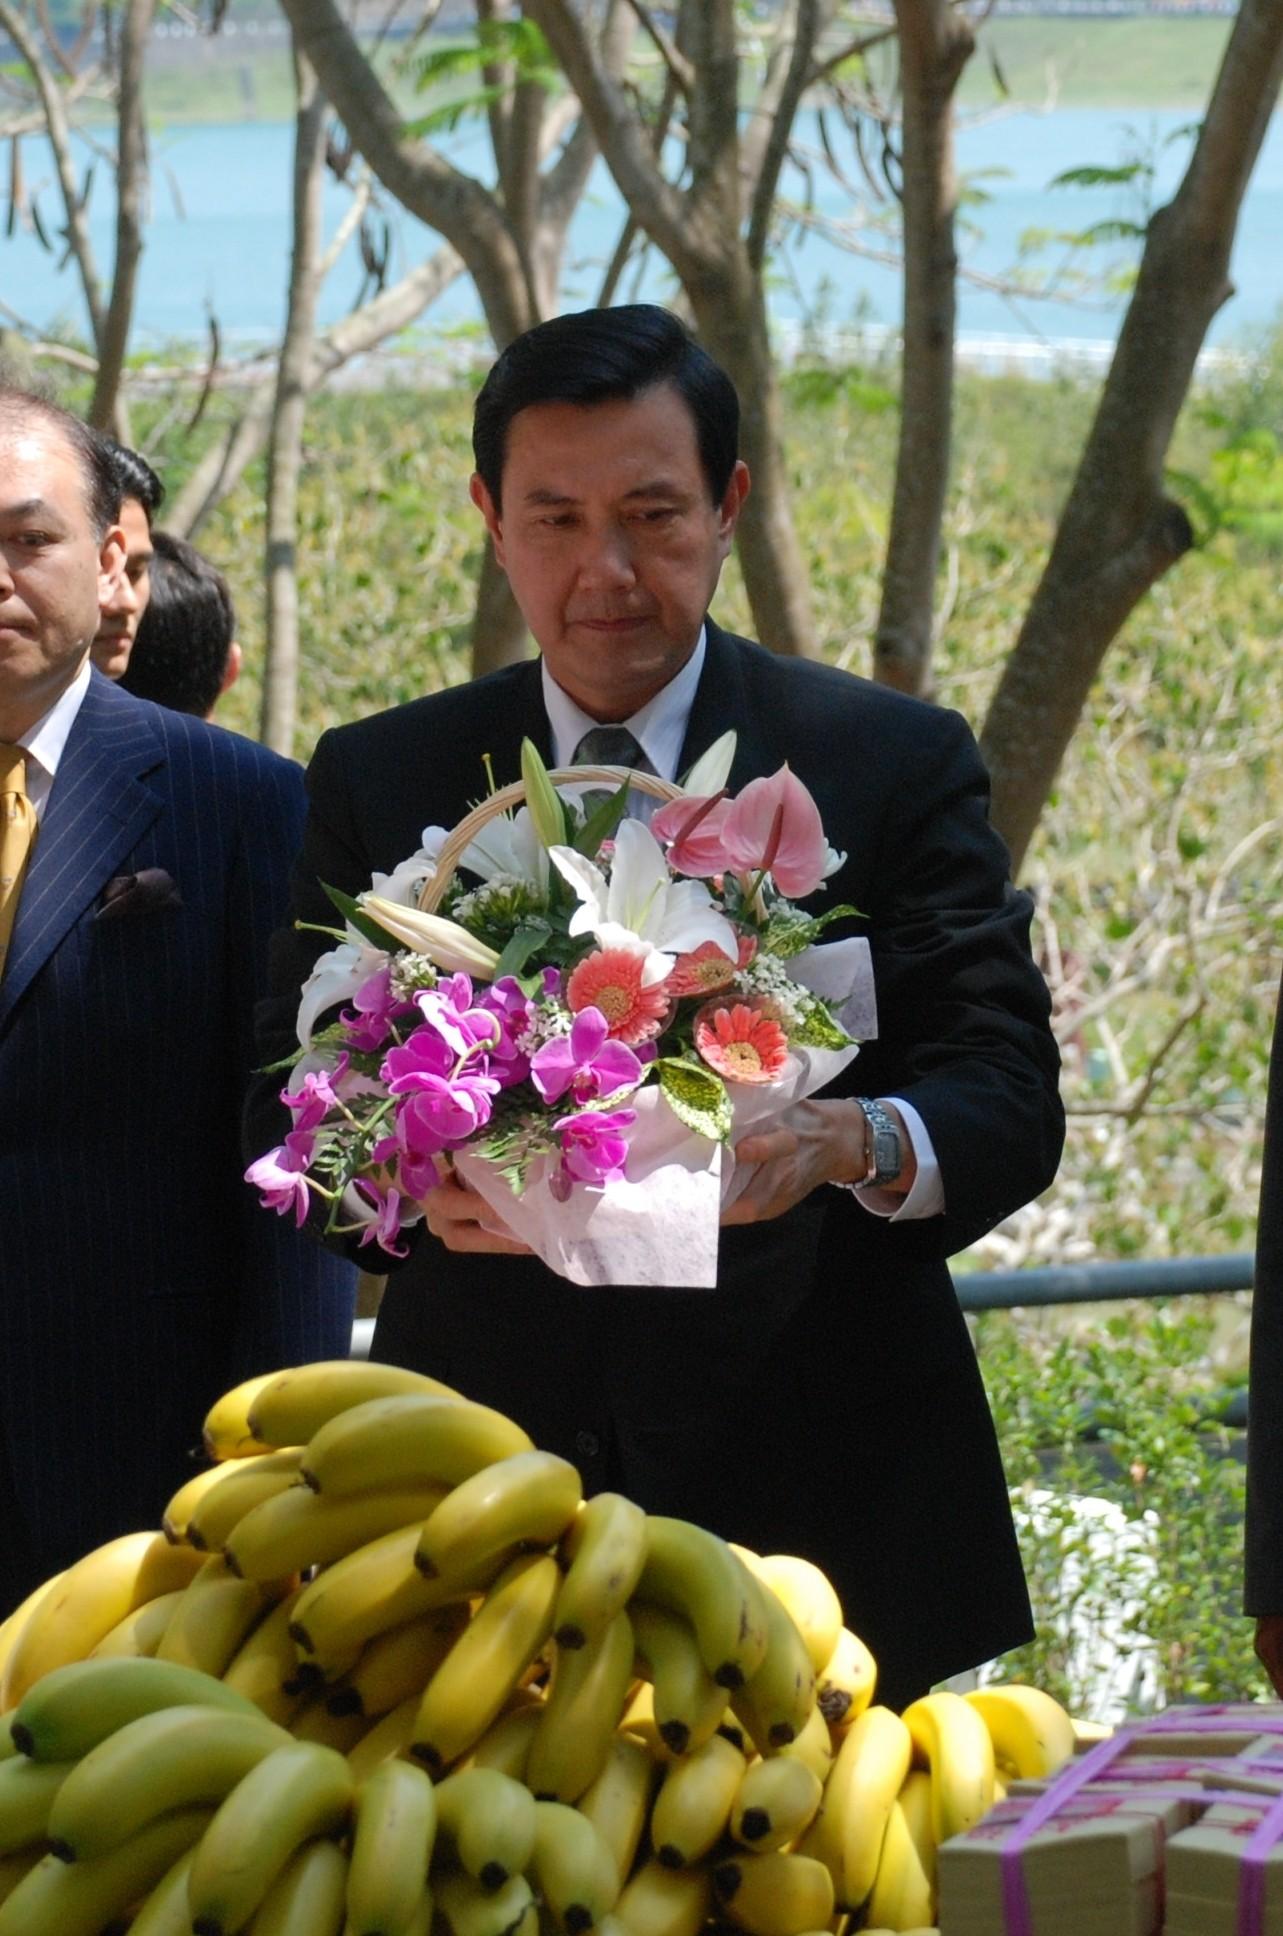 八田與一の慰霊祭で献花する馬英九(マーインチウ)氏=2008年5月、台湾南部